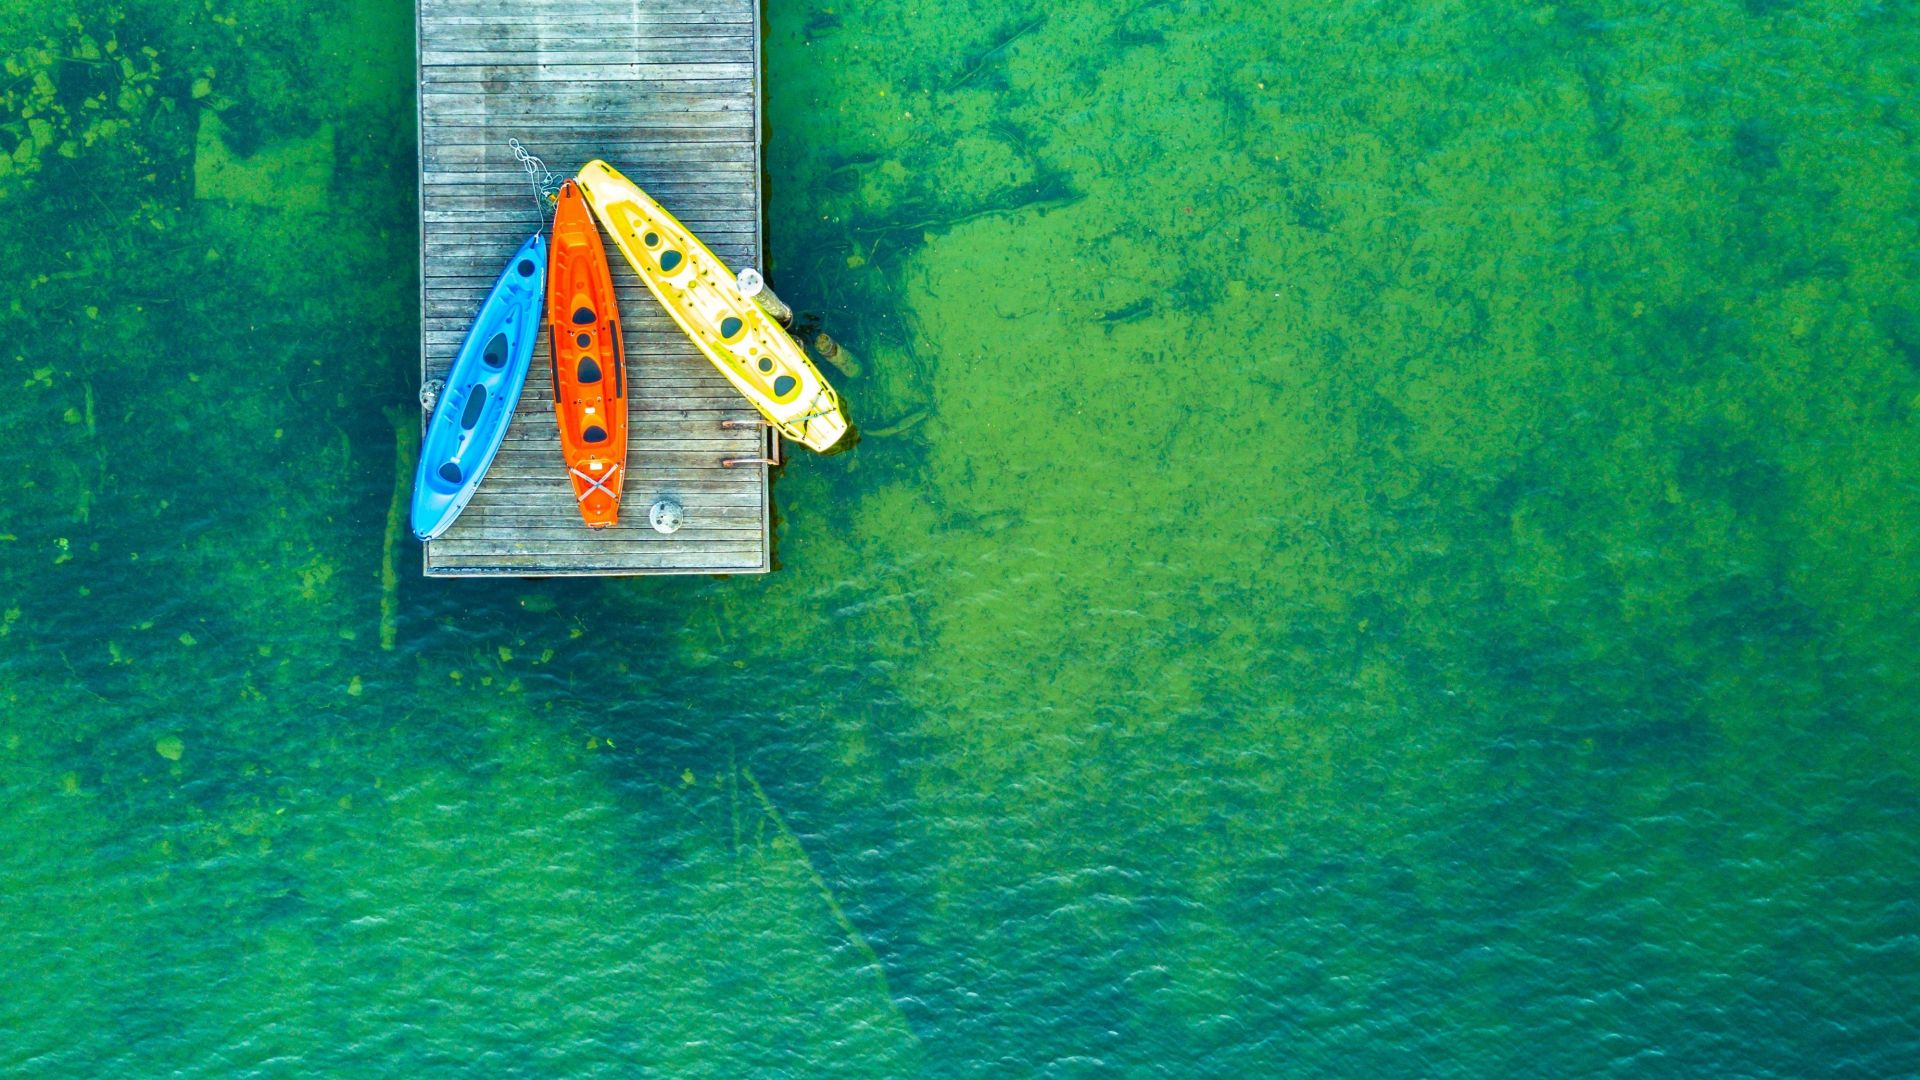 Iphone 6 Holiday Wallpaper Desktop Wallpaper Green Lake Boats Aerial View Holiday